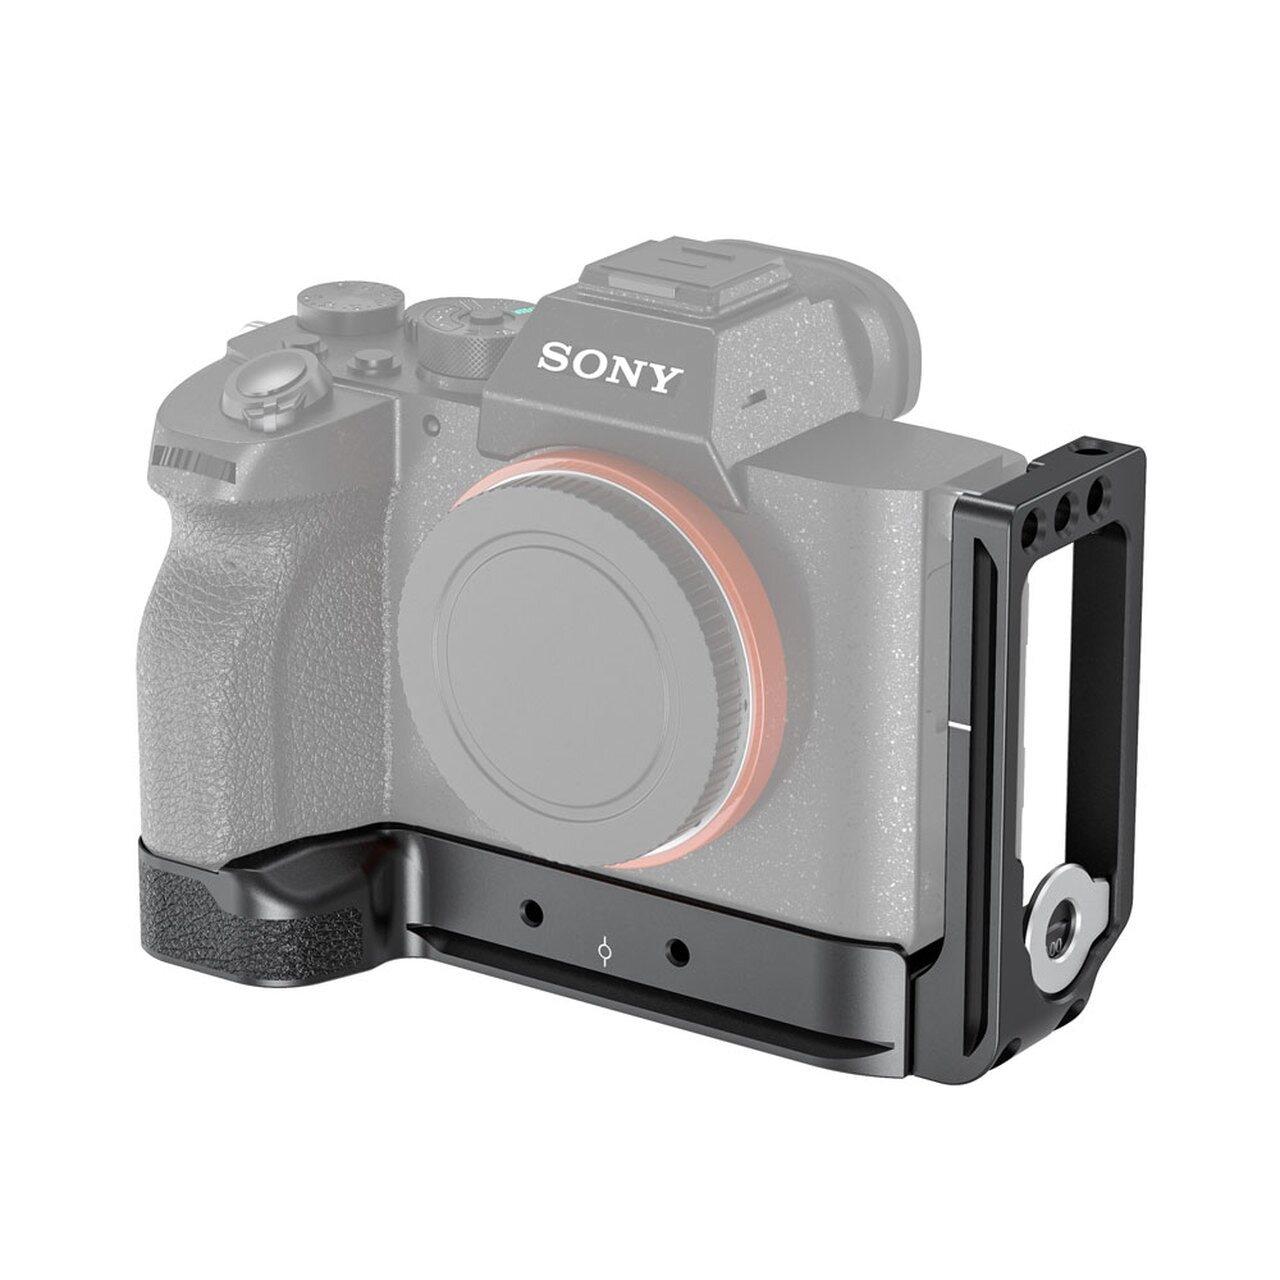 SmallRig L-Bracket for Sony a7R IV & a9 II Digital Cameras